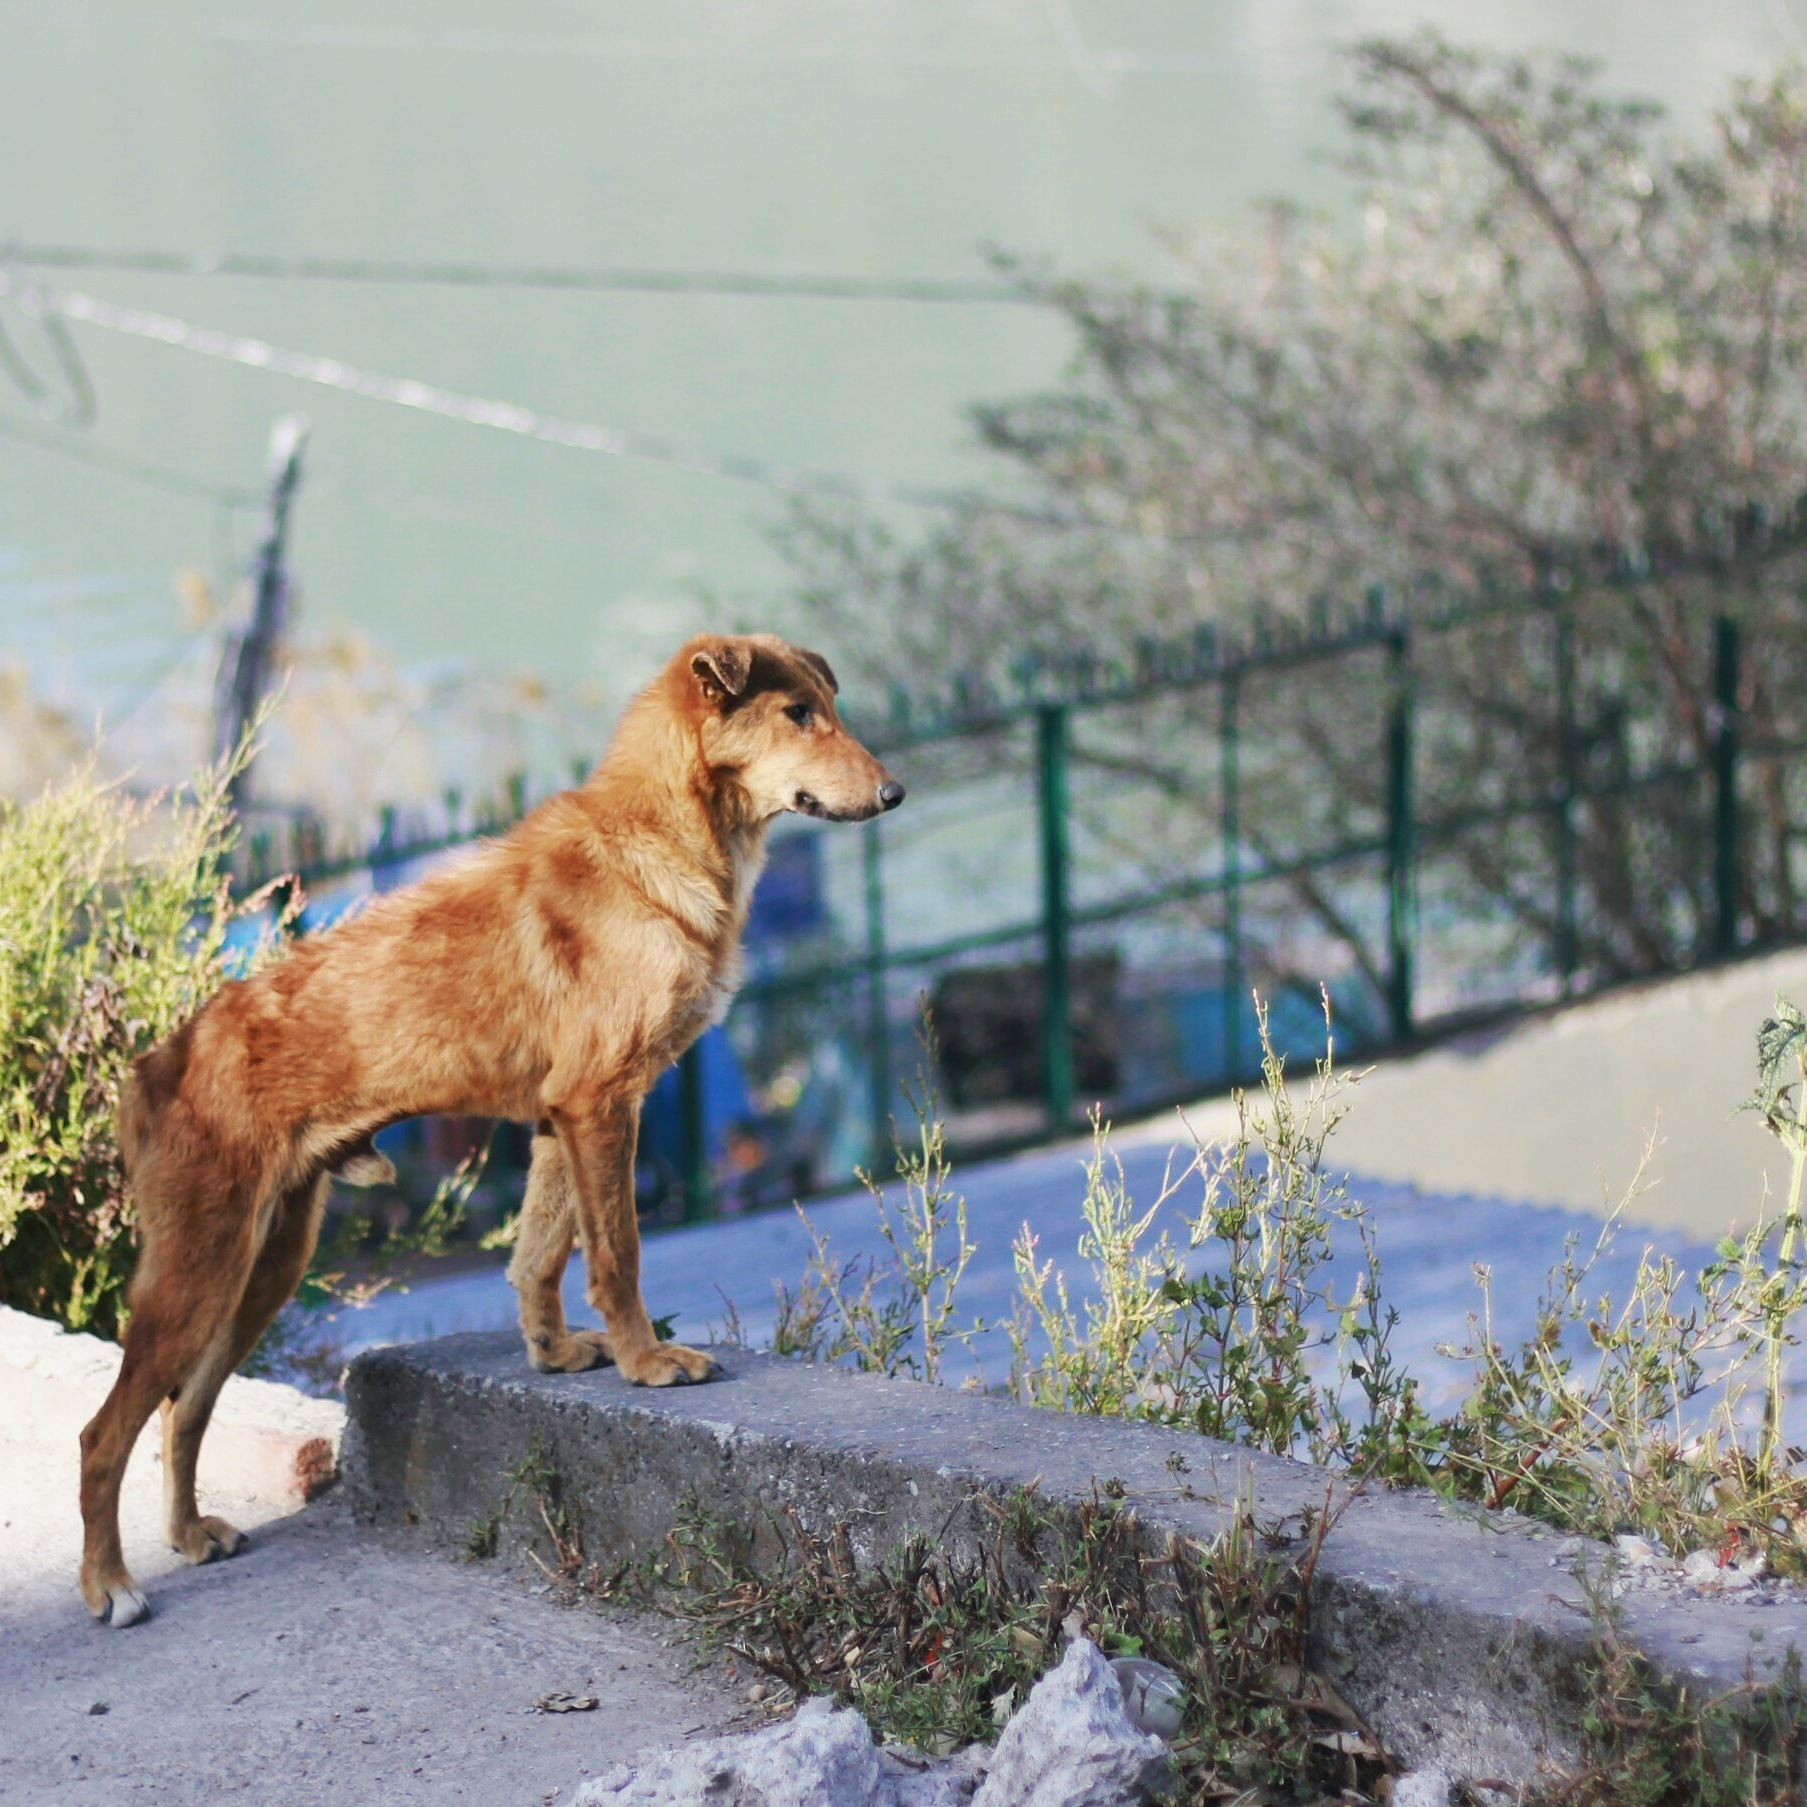 A Dog with a Sight  by Aditya Sonsurkar